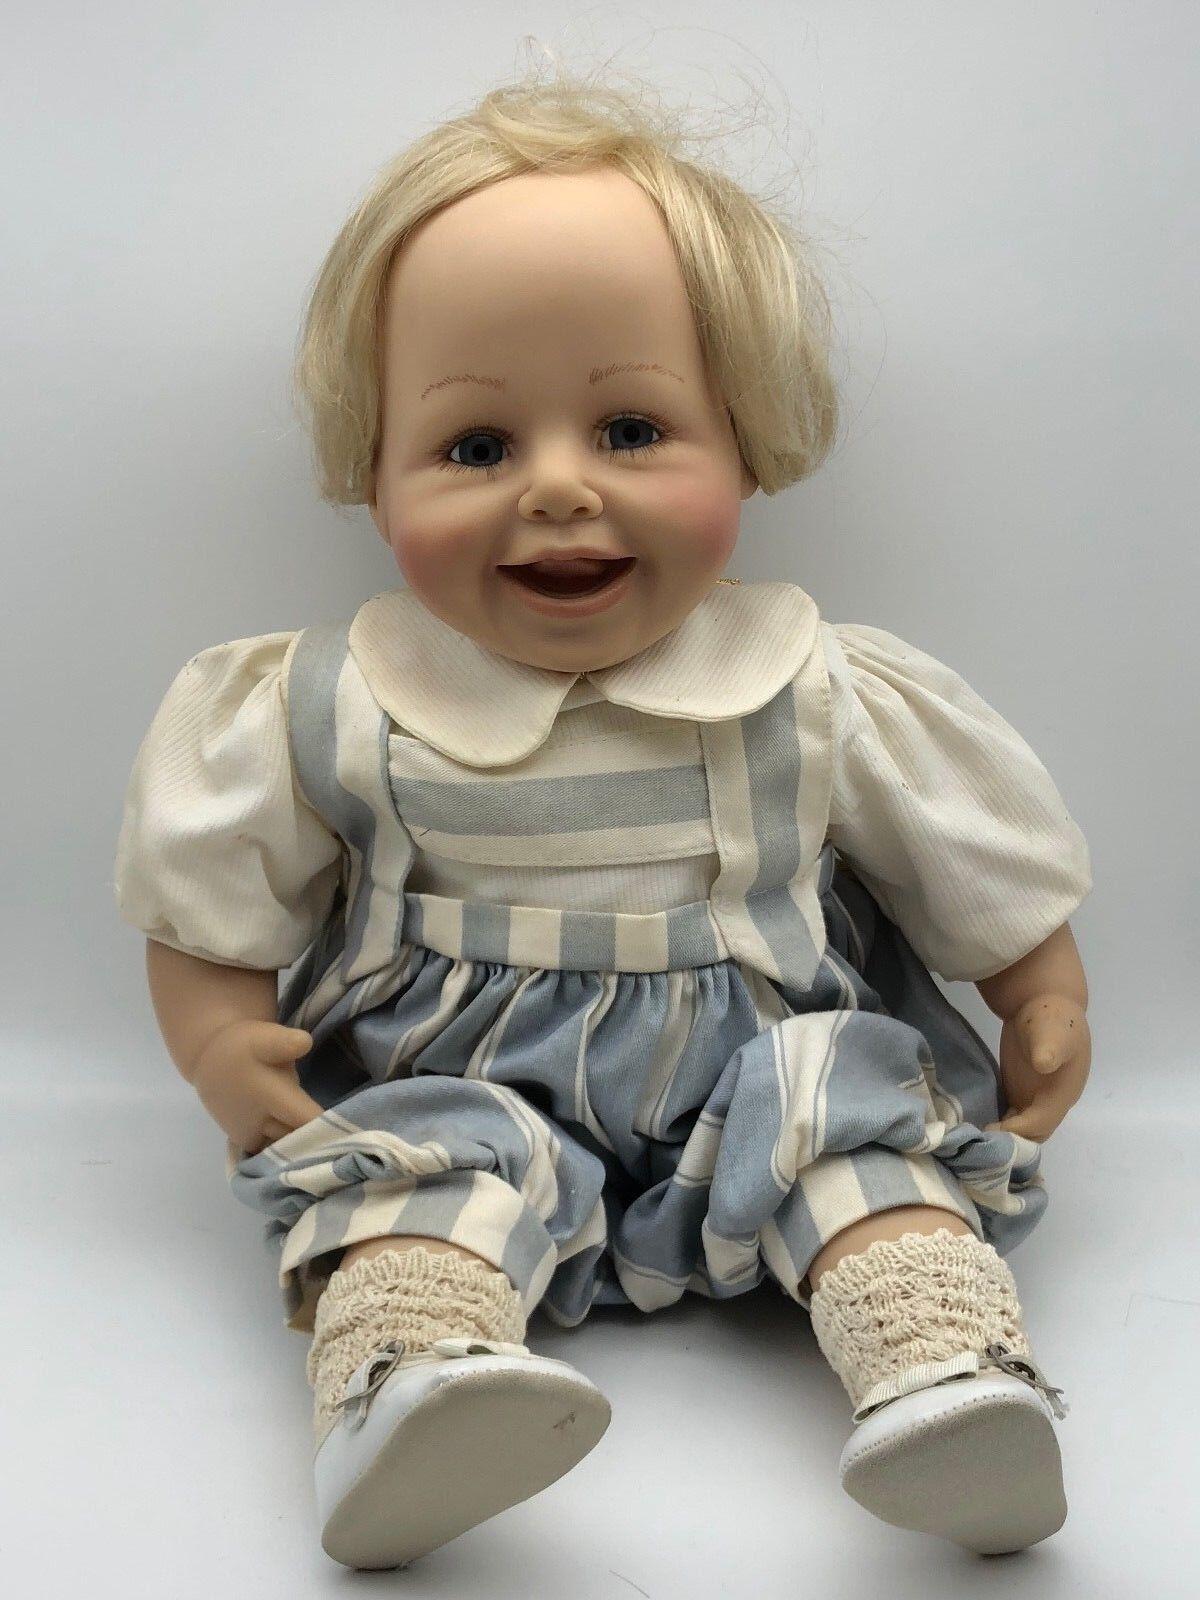 Brigitte leman muñeca de vinilo 52 cm. top estado